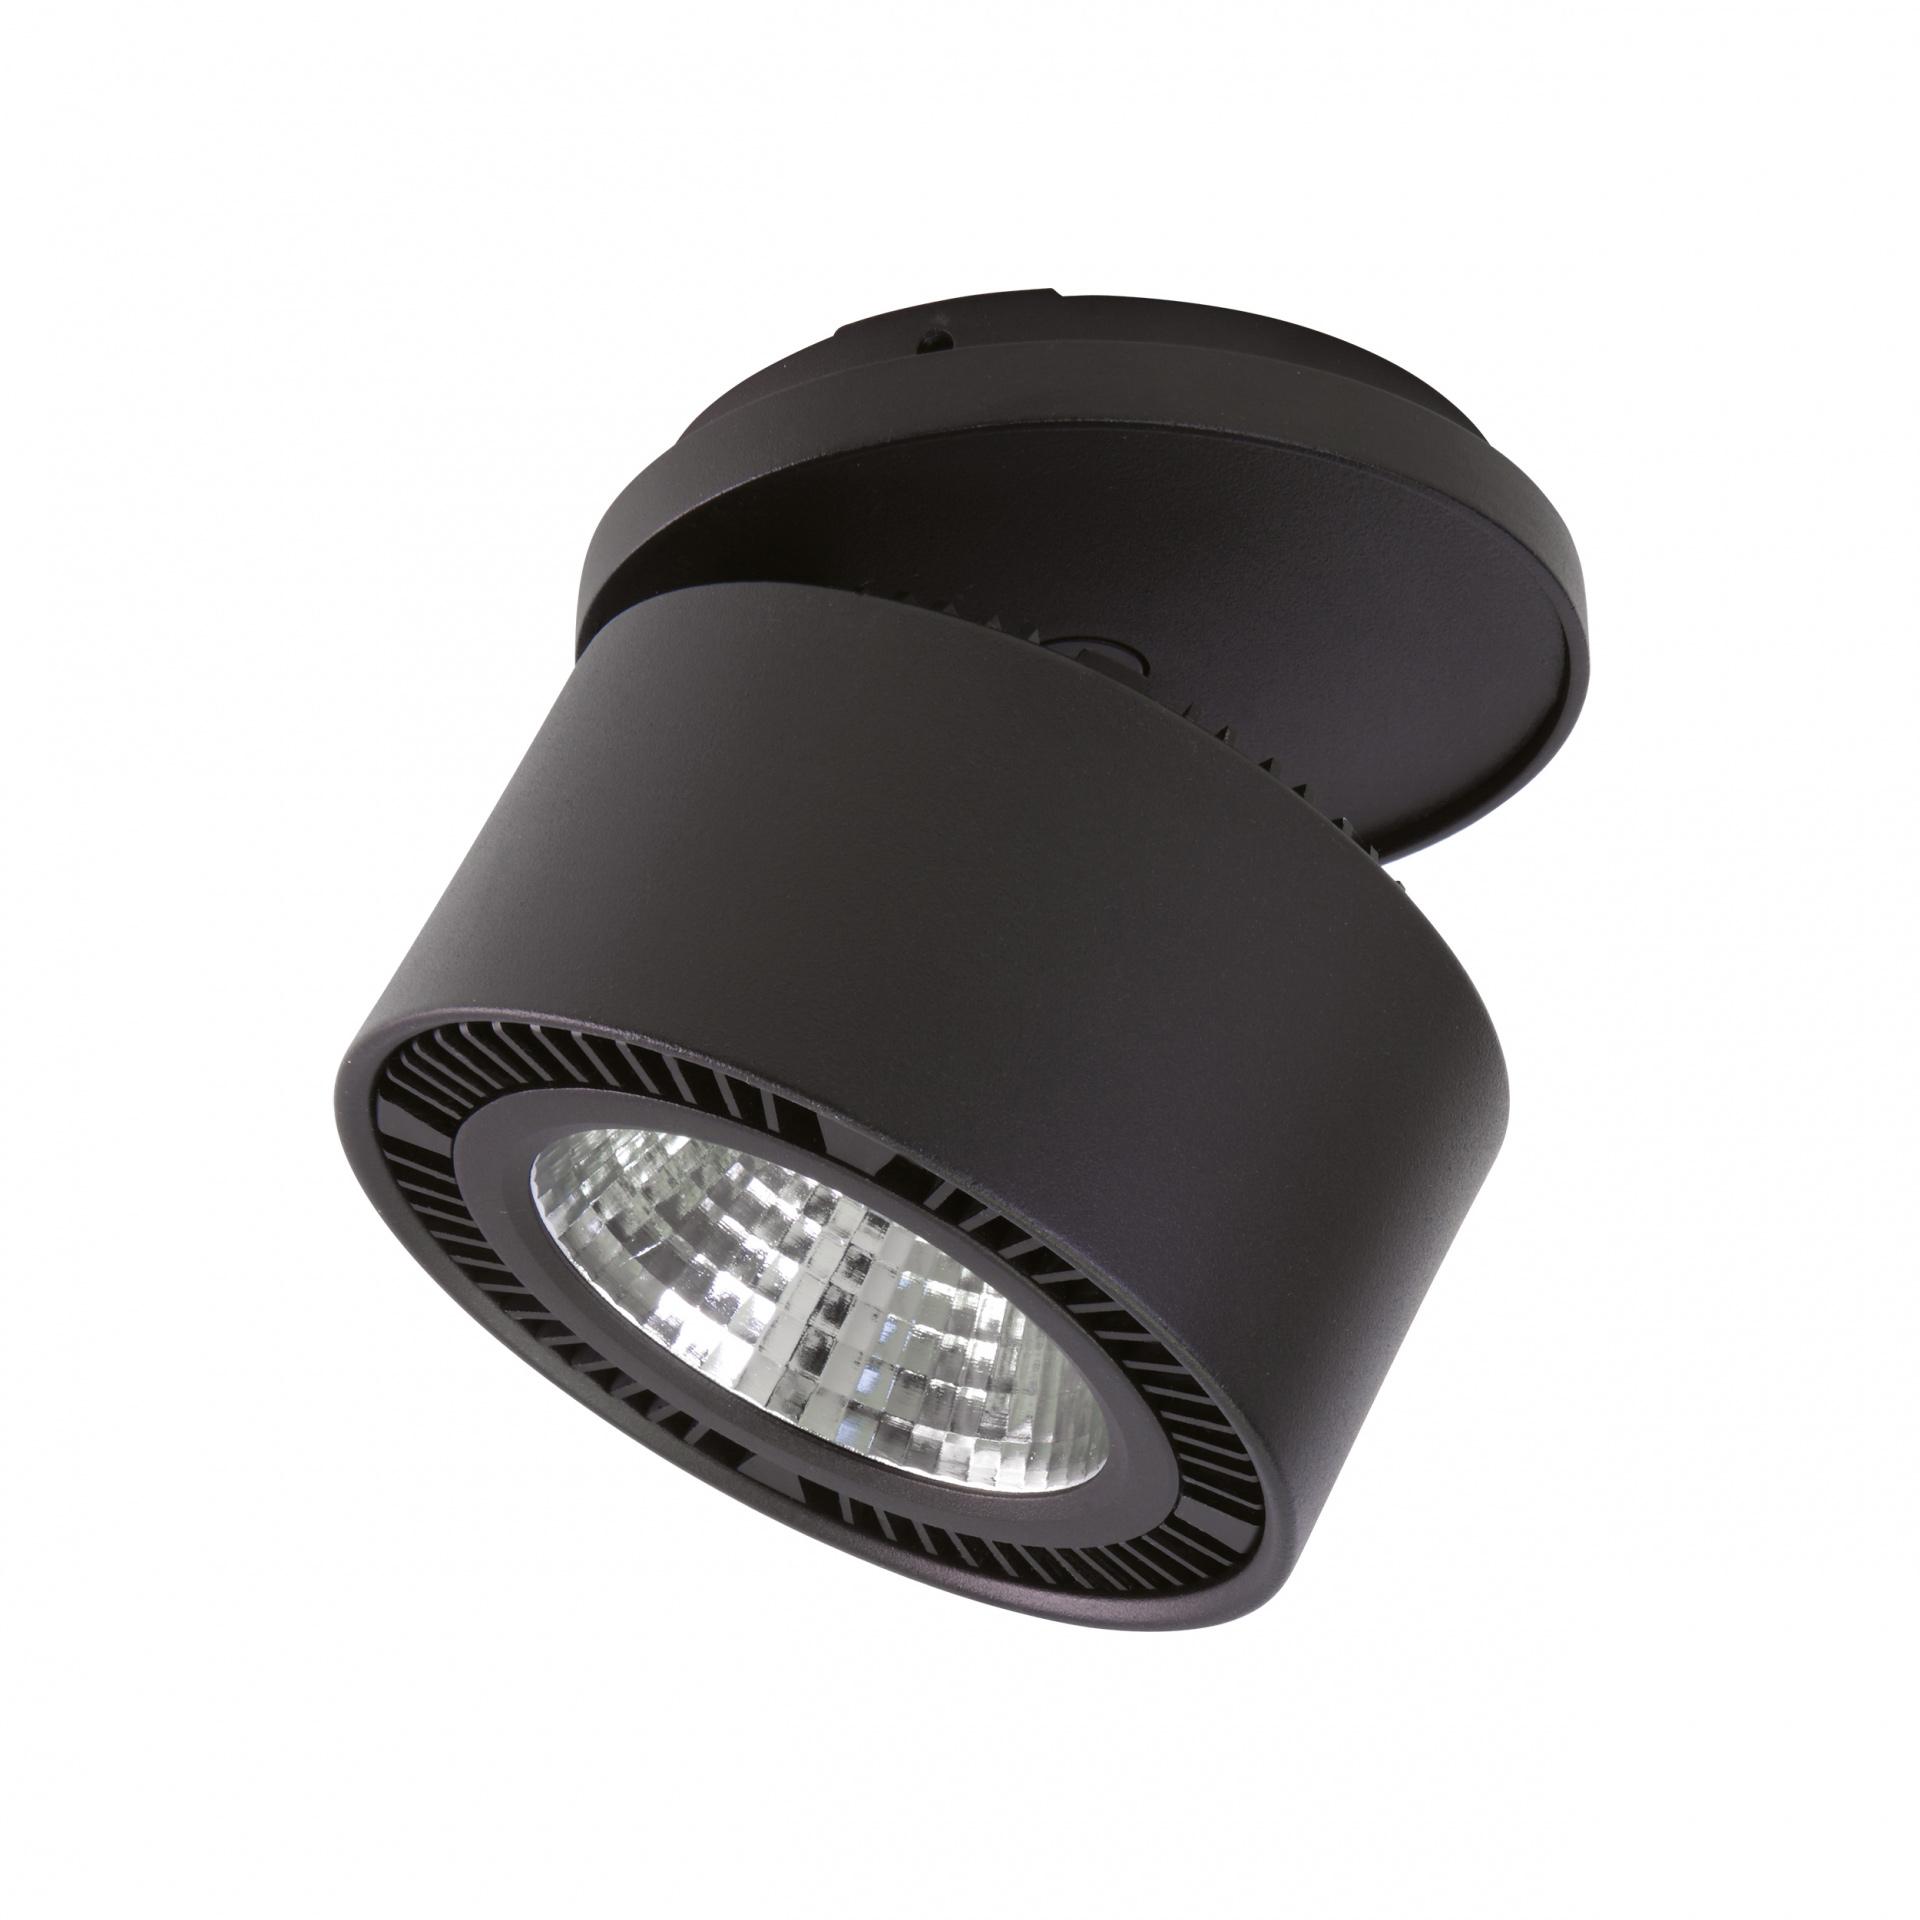 Светильник Forte inca LED 26W 1950LM 30G черный 4000K Lightstar 214827, купить в СПб, Москве, с доставкой, Санкт-Петербург, интернет-магазин люстр и светильников Starlight, фото в жизни